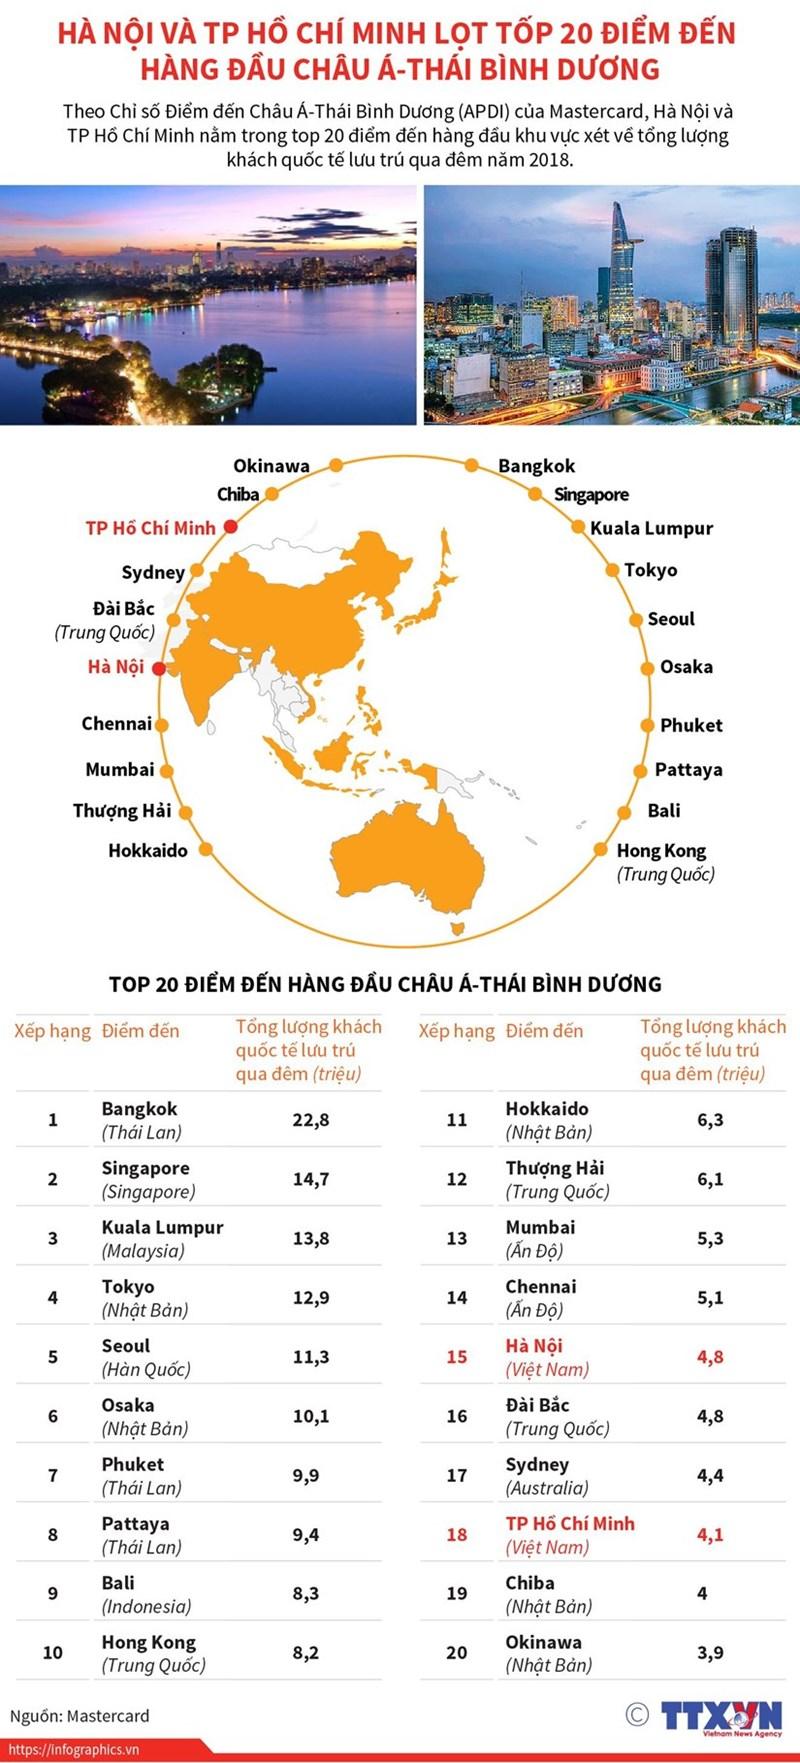 [Infographics] Hà Nội, TP. Hồ Chí Minh lọt tốp 20 điểm đến hàng đầu châu Á-Thái Bình Dương - Ảnh 1